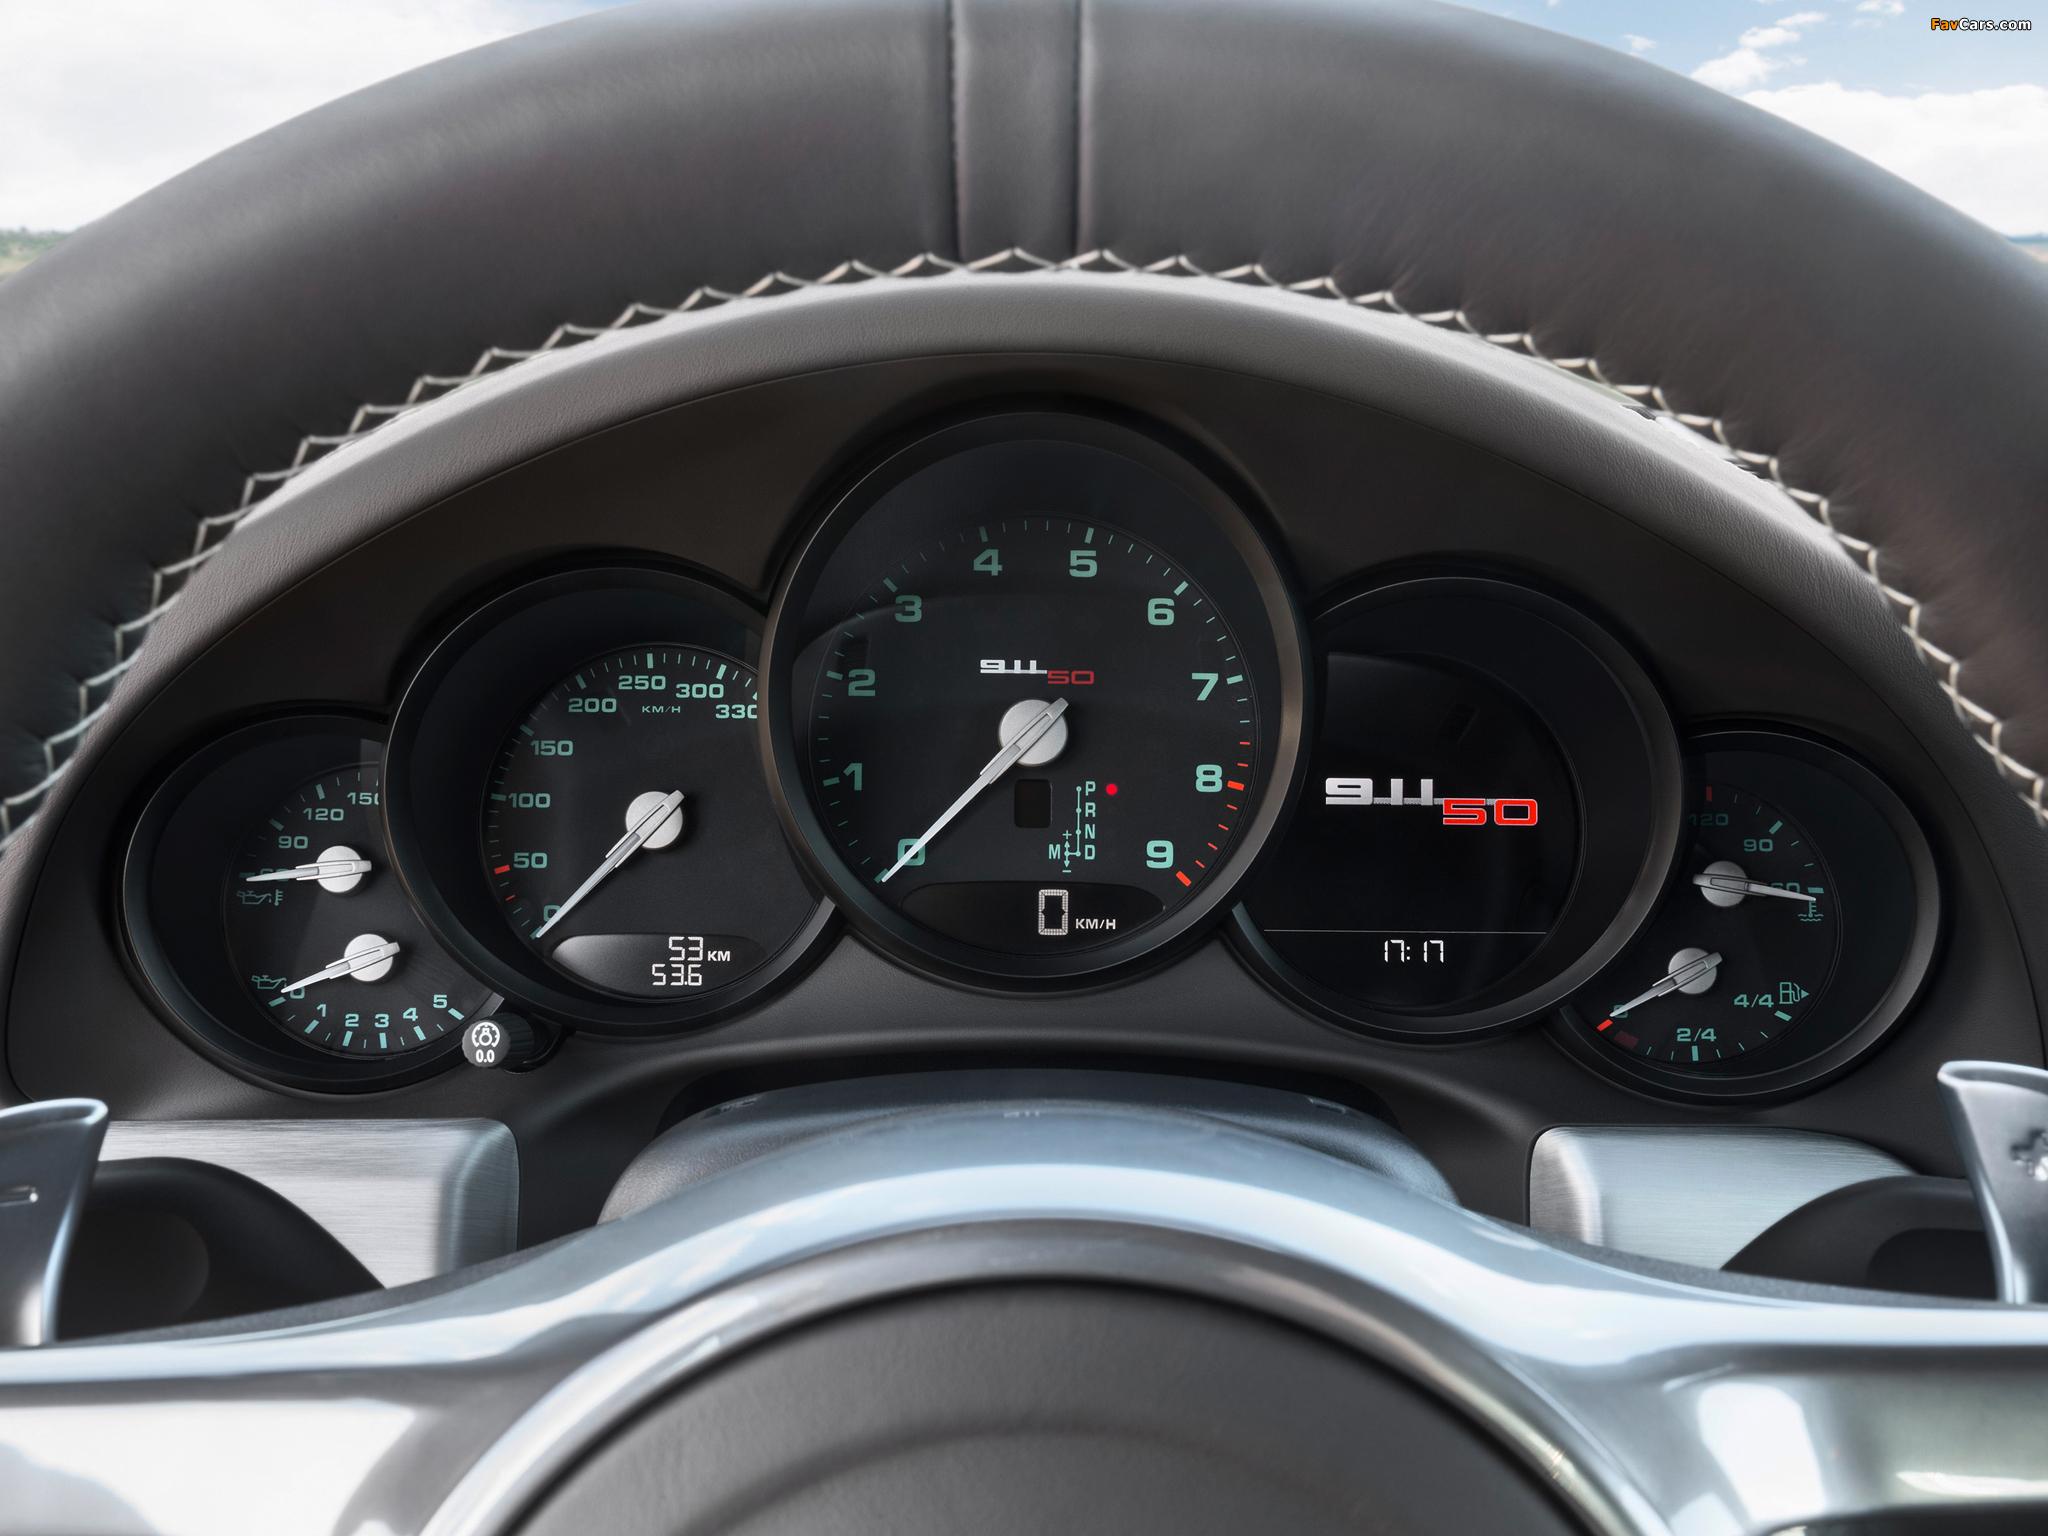 Autodata 34 скачать торрент бесплатно - ремонт авто Автодата